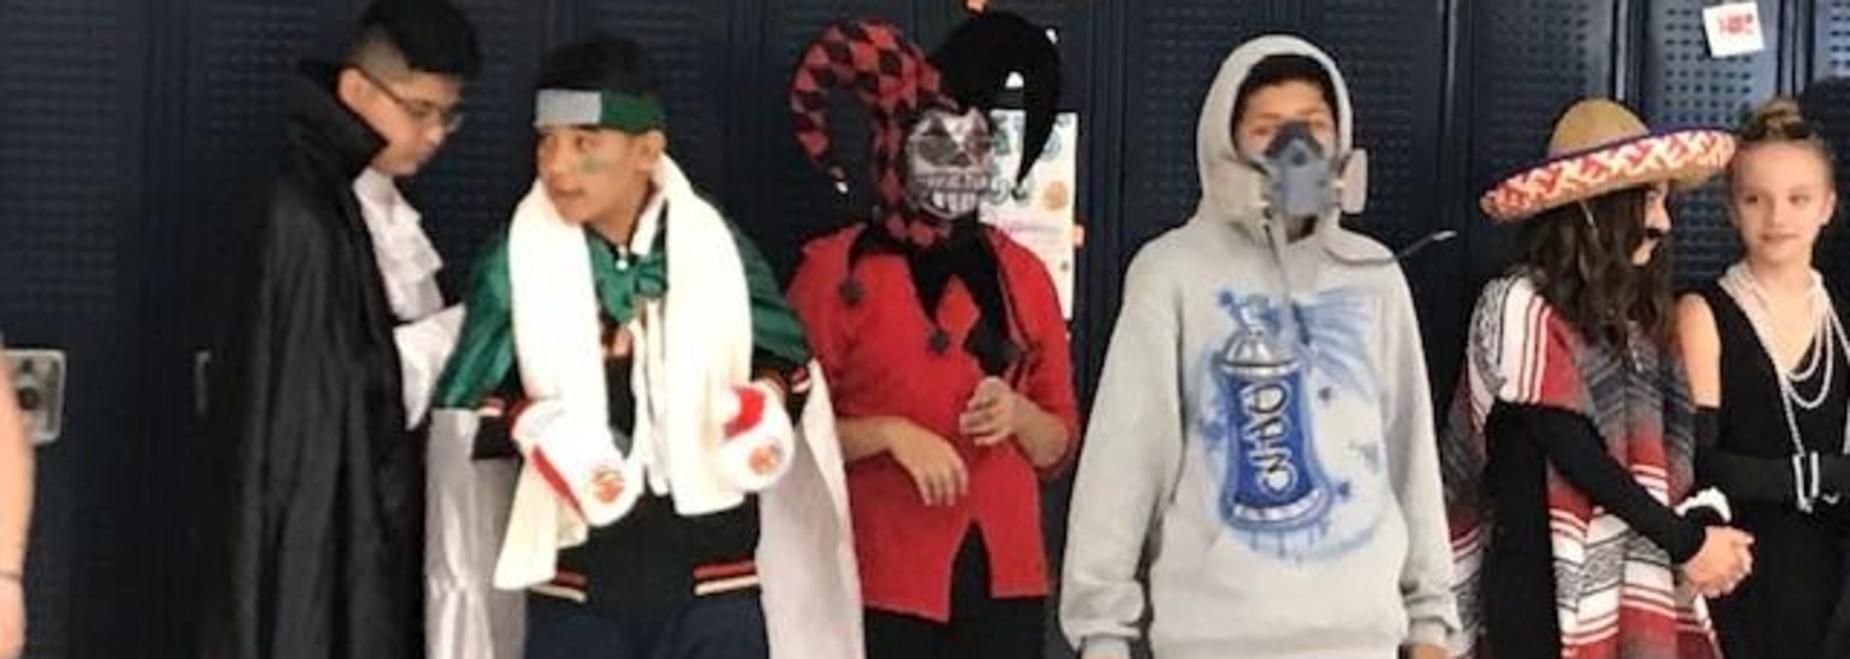 7th grade costumes